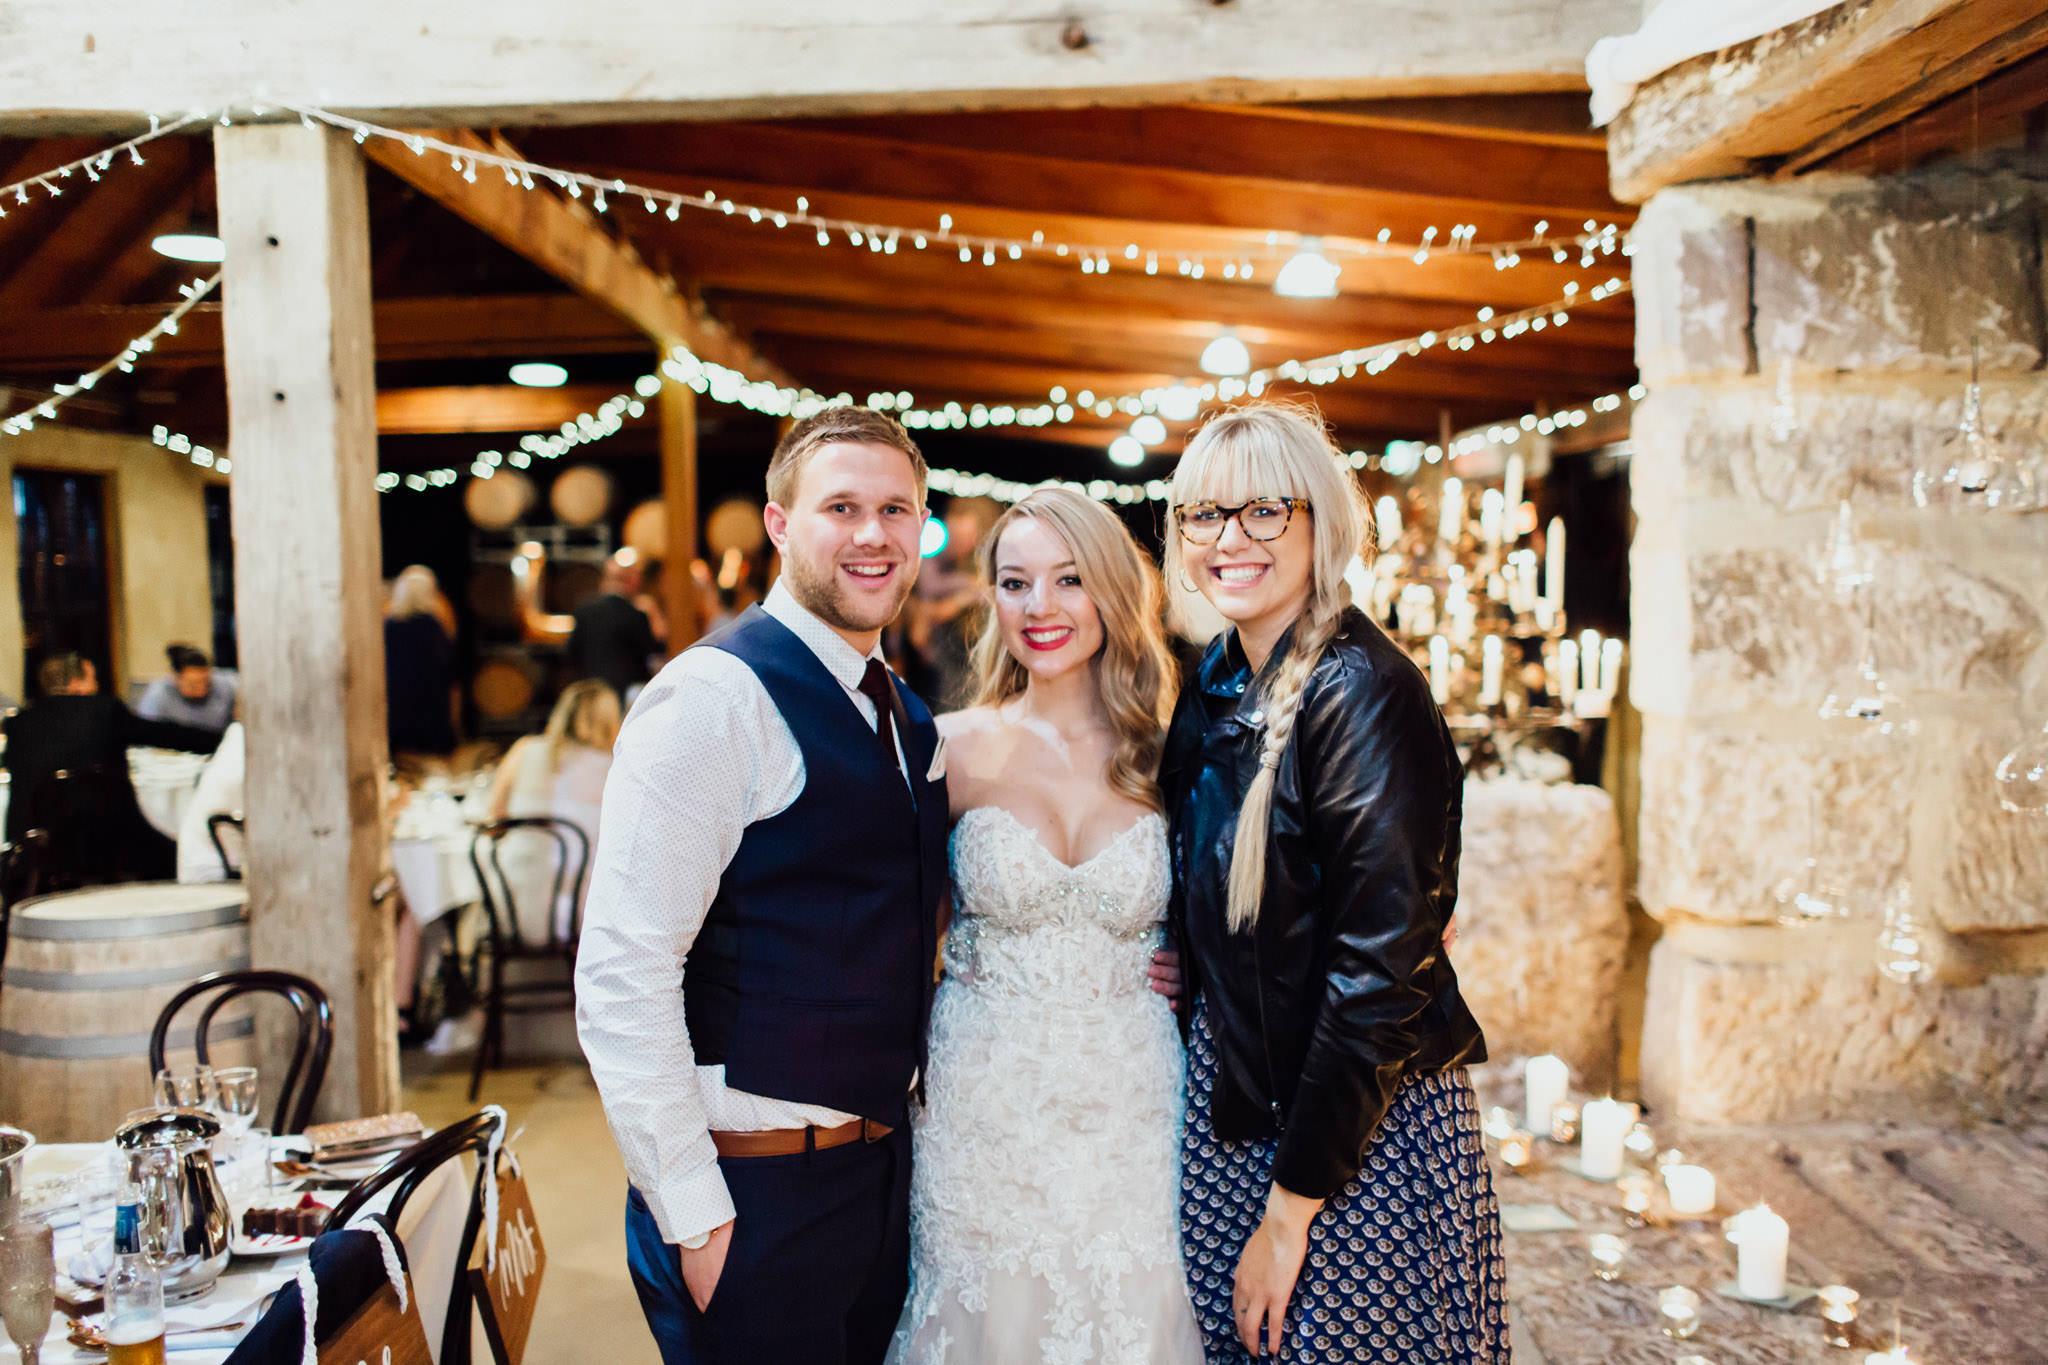 WeddingPhotos_Facebook_2048pixels-1181.jpg